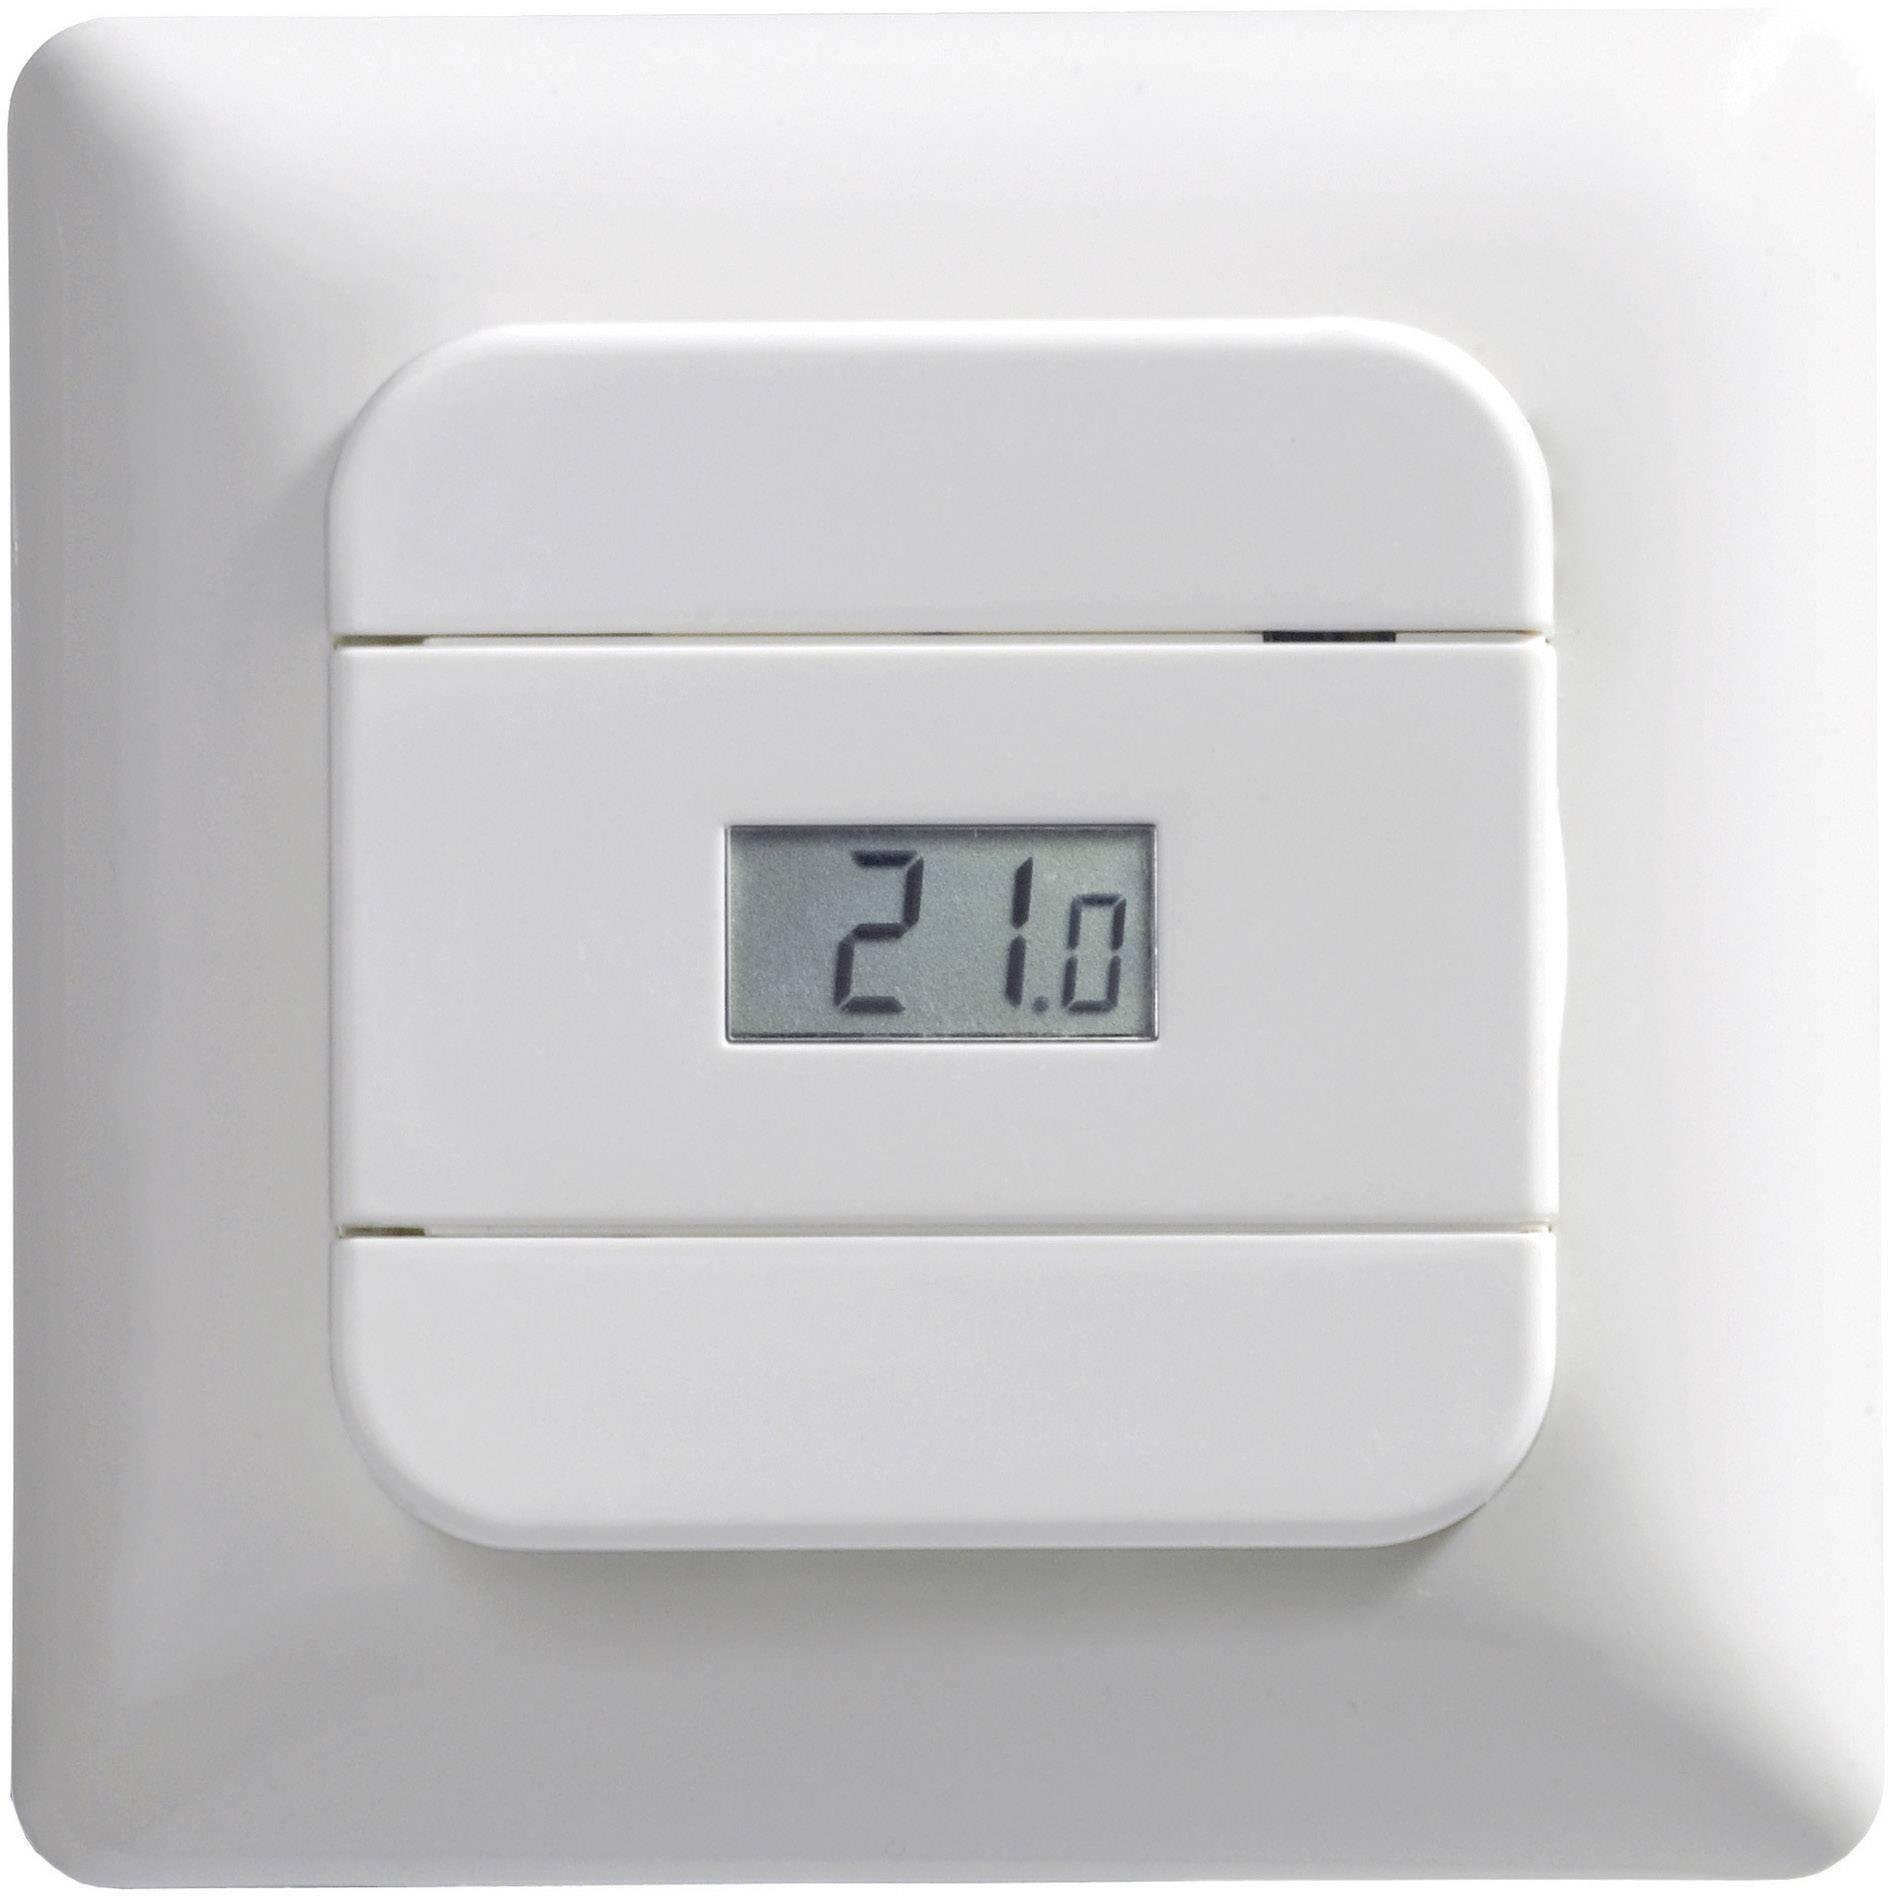 Termostat pre podlahové vykurovanie Arnold Rak OTD2-1999-AR, 0 až 40 °C, biely